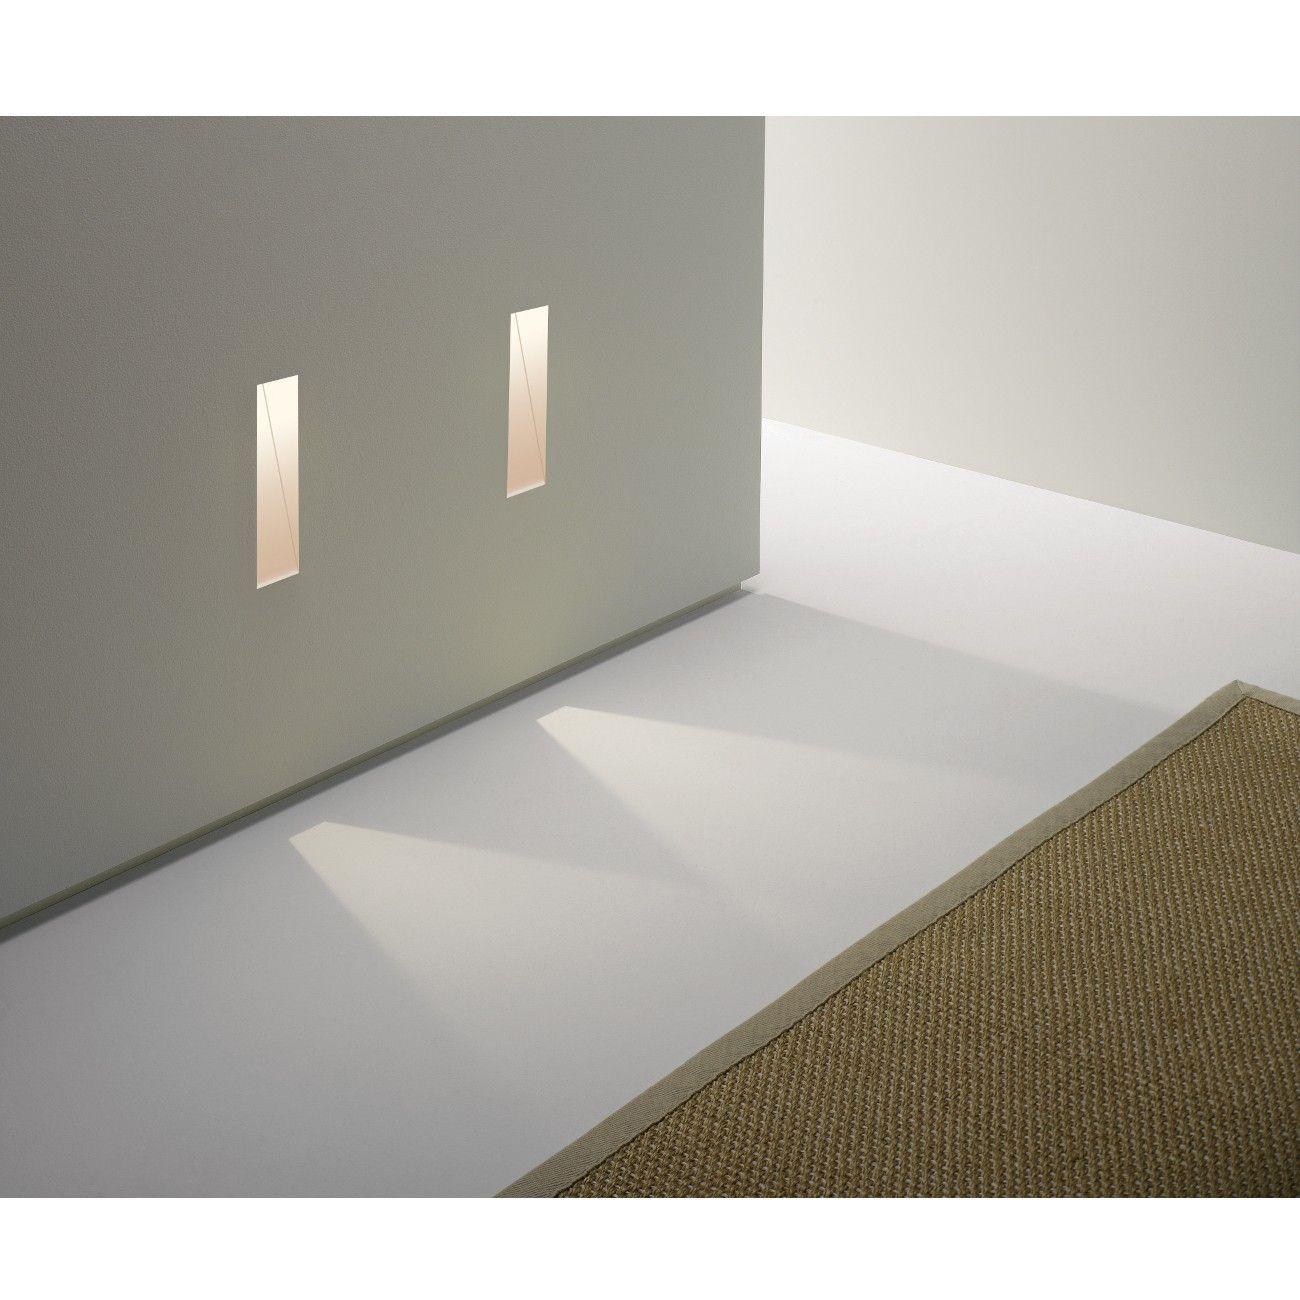 Elegant Diese LED Wandeinbauleuchte eignet sich besonders gut f r die dezente und dekorative Ausleuchtung von Treppenstufen Fu b den oder Fluren im Innenbereich